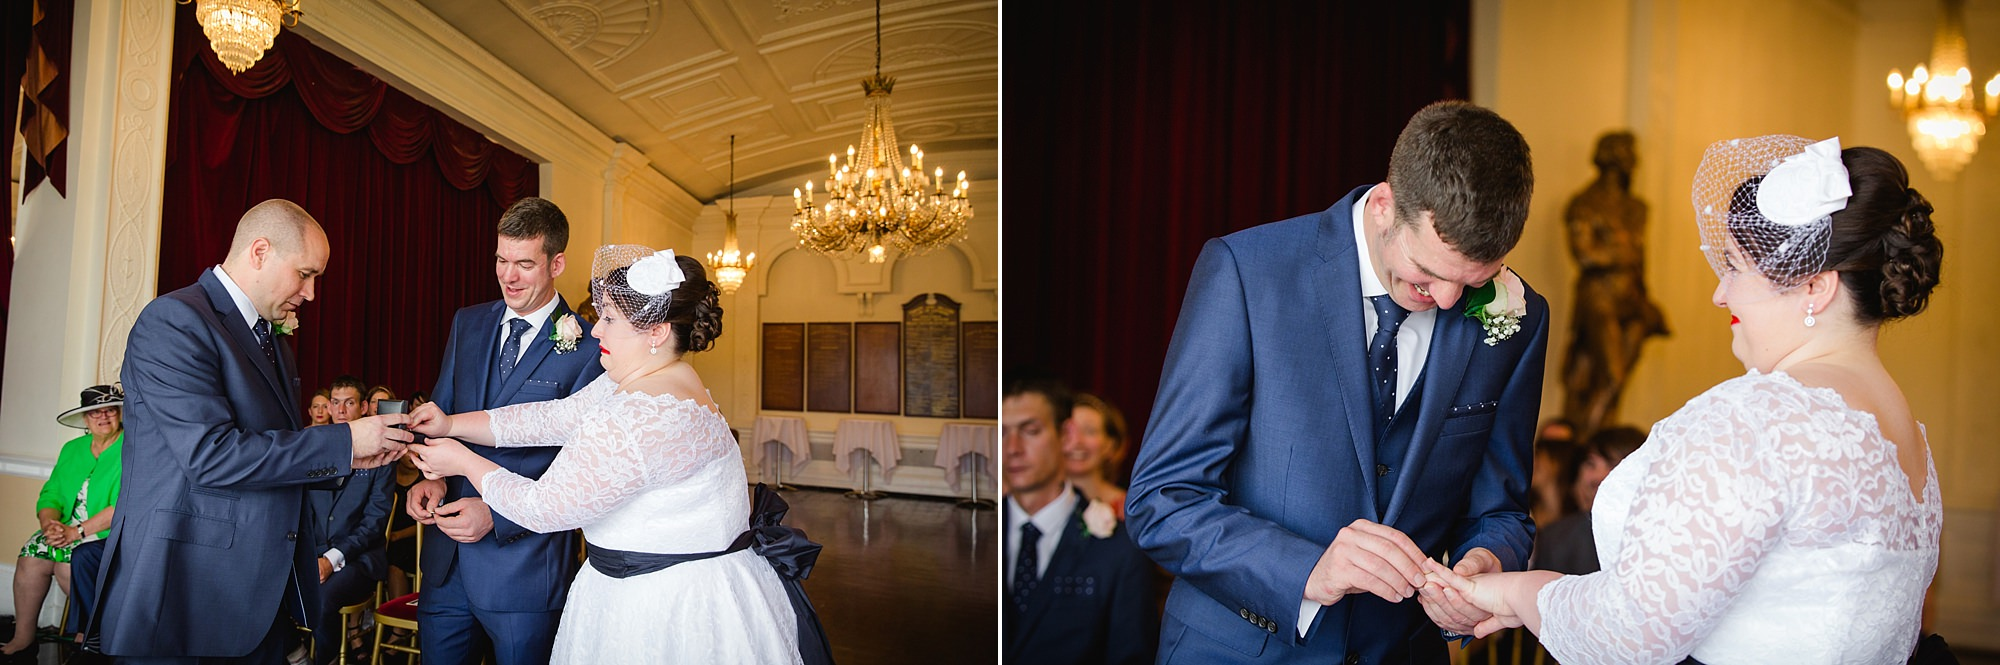 Trafalgar Tavern wedding exchange of rings